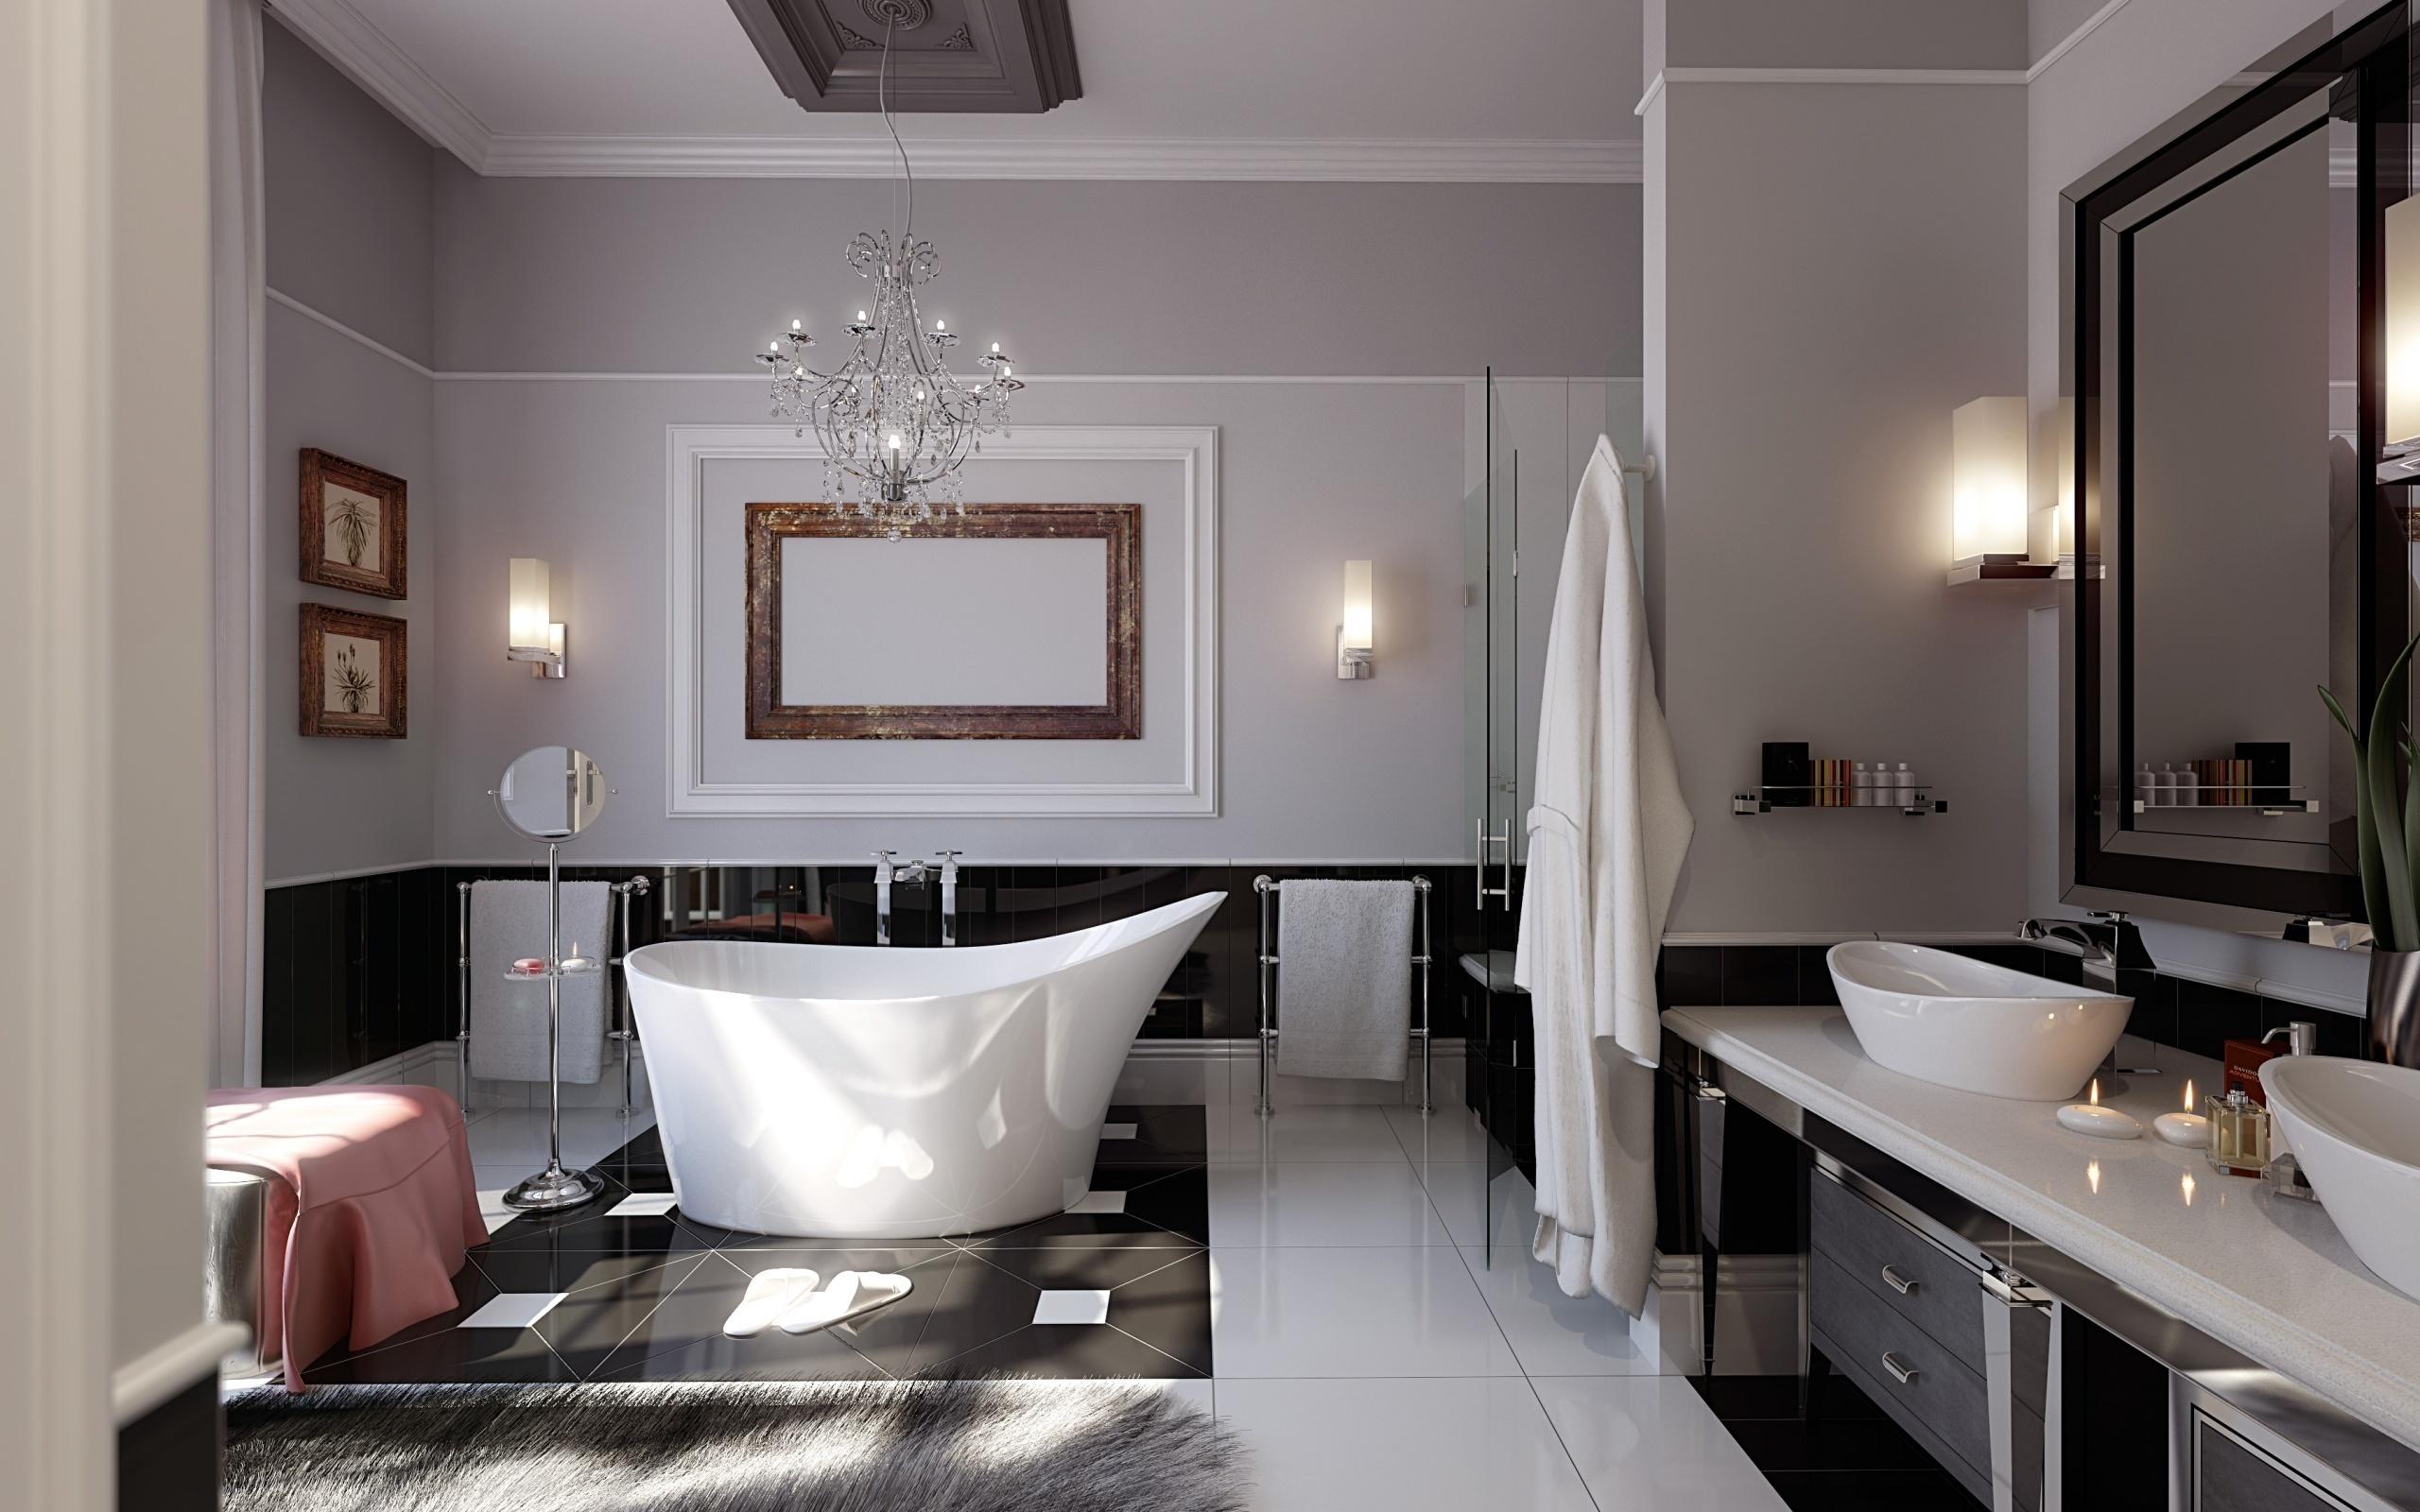 Фото дизайнерского решения для ванной комнаты